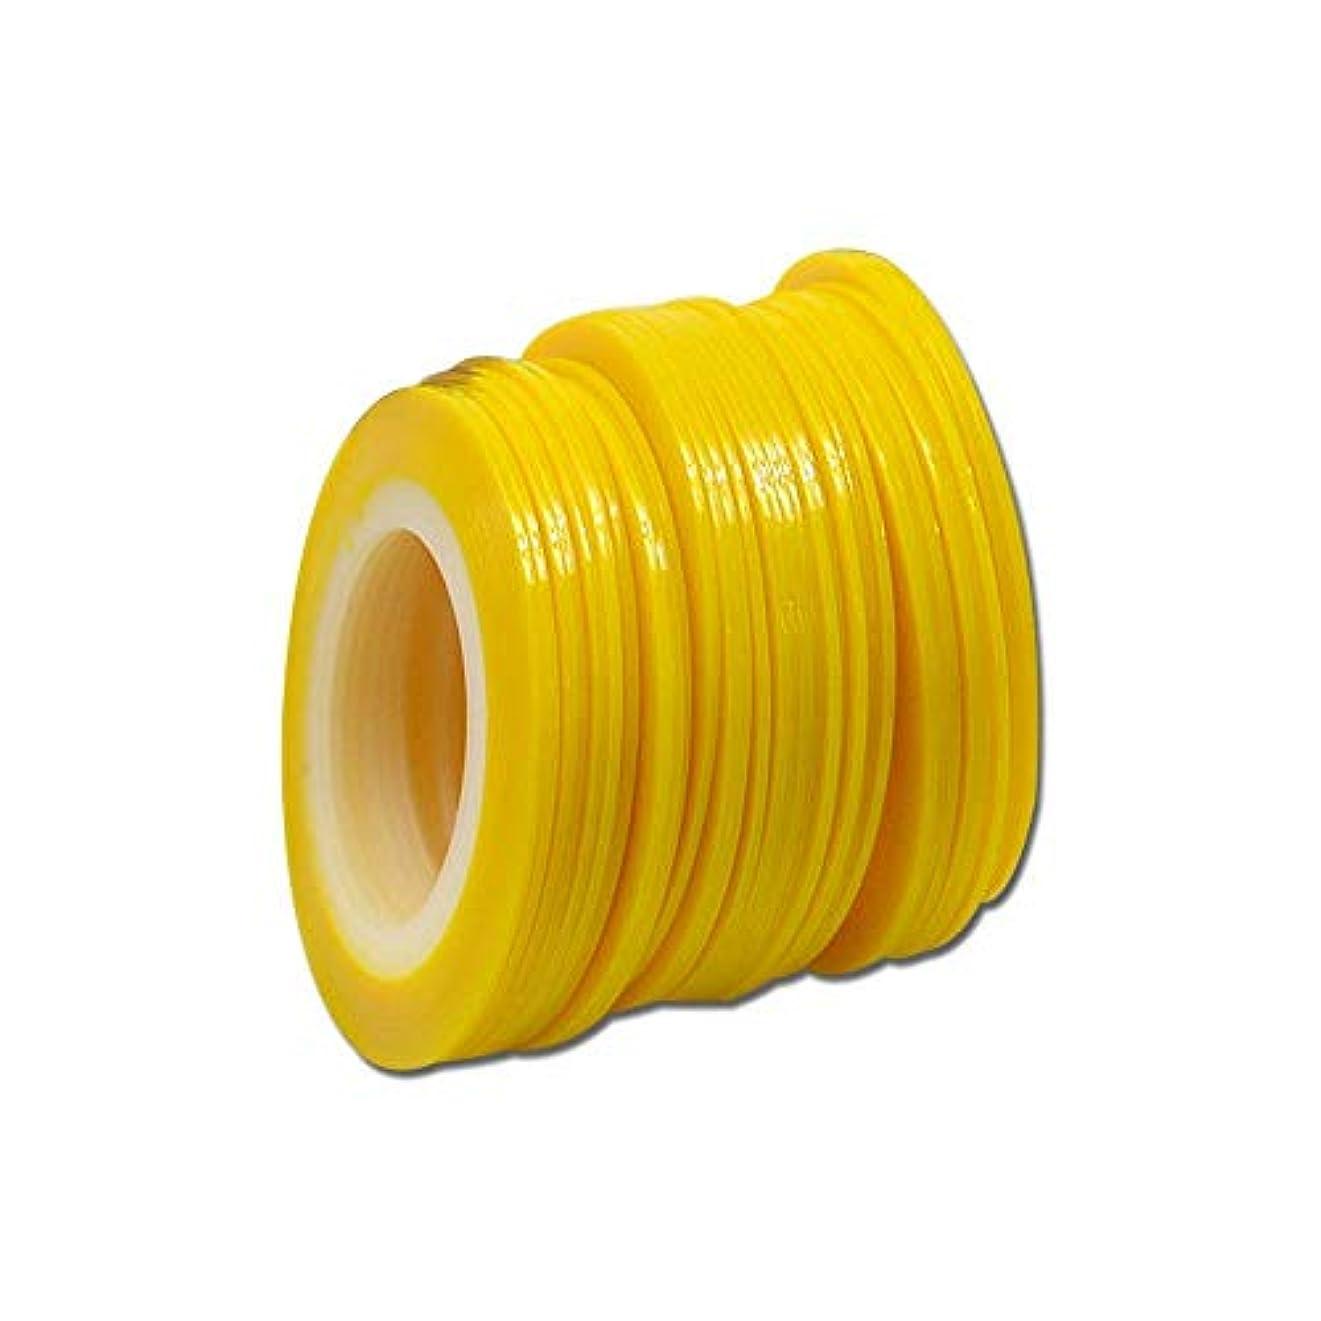 マイクロ許す明るくするSUKTI&XIAO ネイルステッカー 100個1ミリメートル色蛍光ストライプライン美容のヒントネイルステッカーネイルアートロールストライピング、黄色